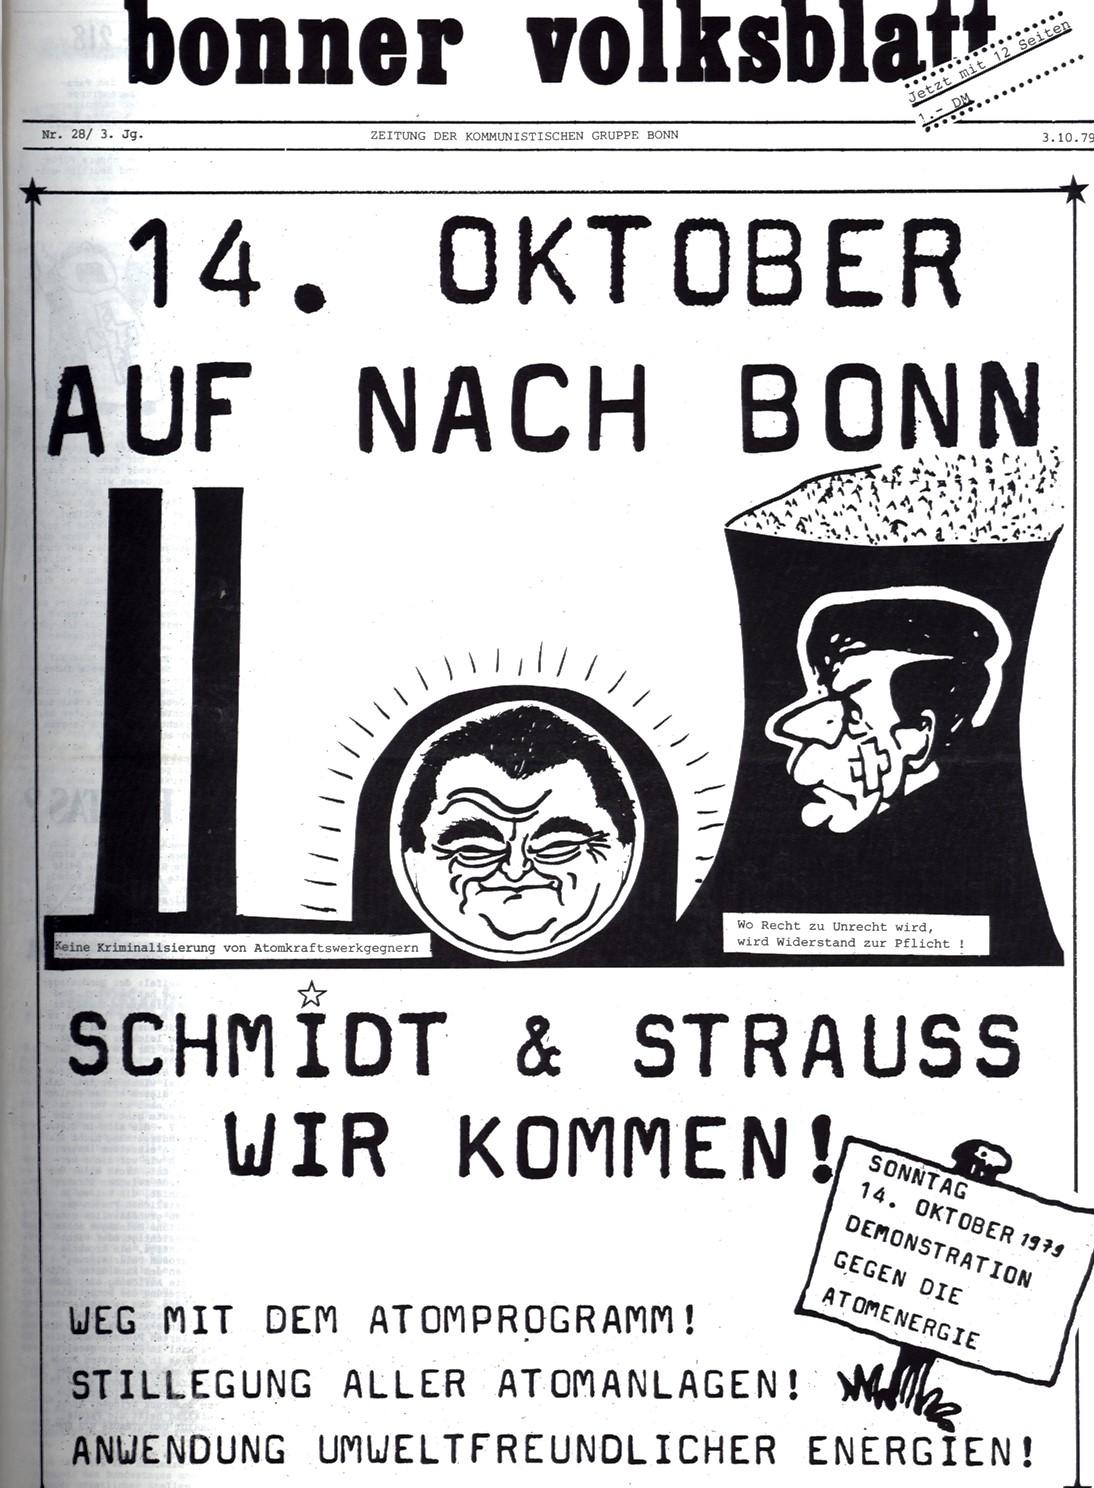 Bonner_Volksblatt_28_19791003_01